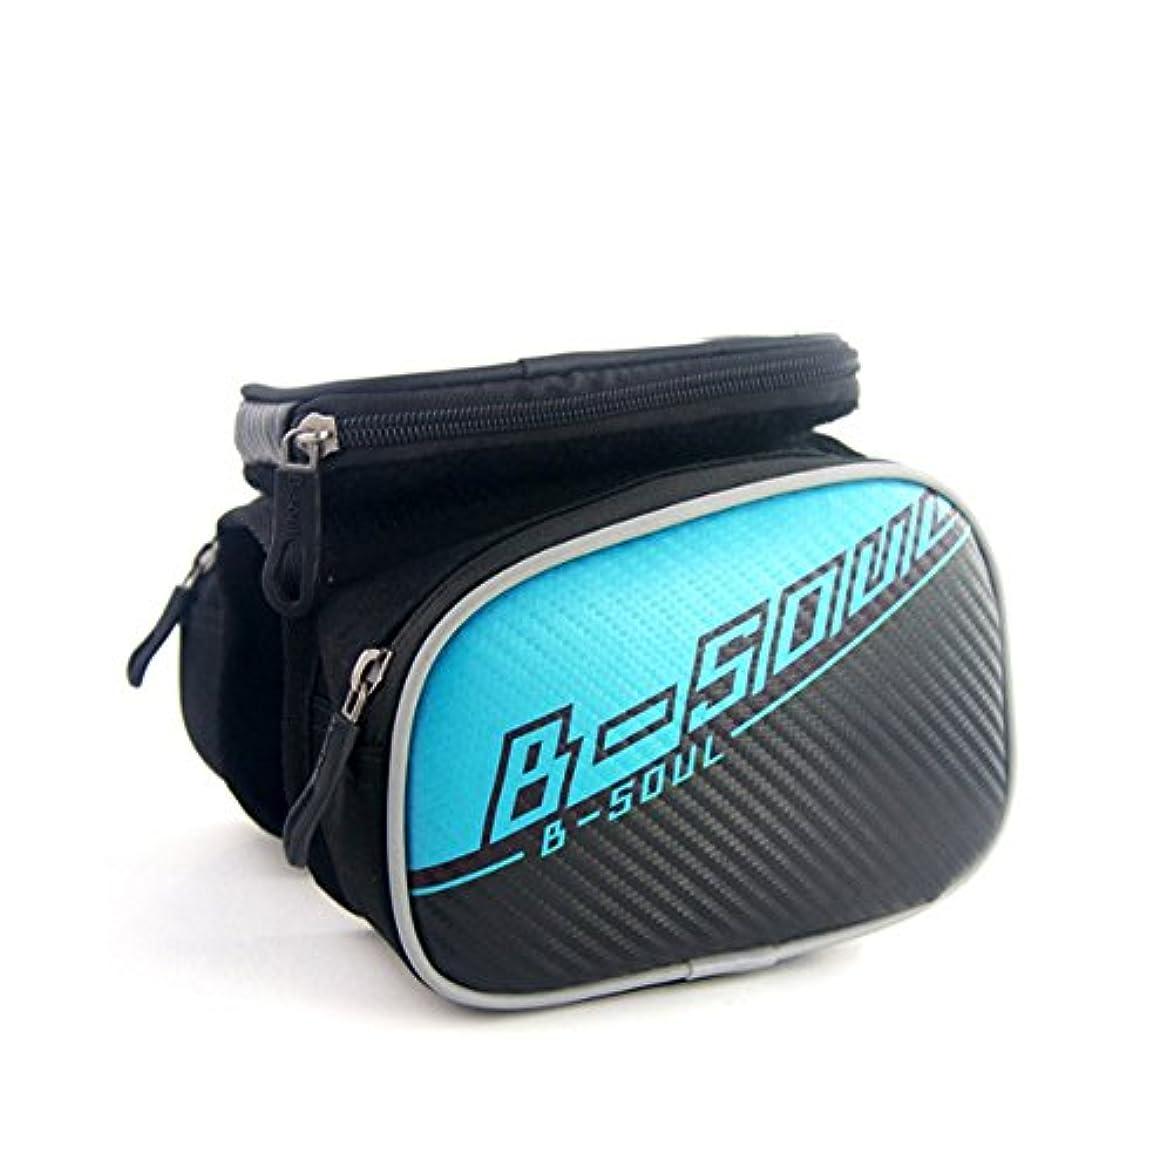 炎上飼い慣らす擬人自転車サドルバッグ防水バッグ自転車フレームバッグ、5.5インチのスマートフォンに適した自転車のフロントチューブフロントチューブバッグ サドルバッグ?フレームバッグ (色 : 青, サイズ : 5.5